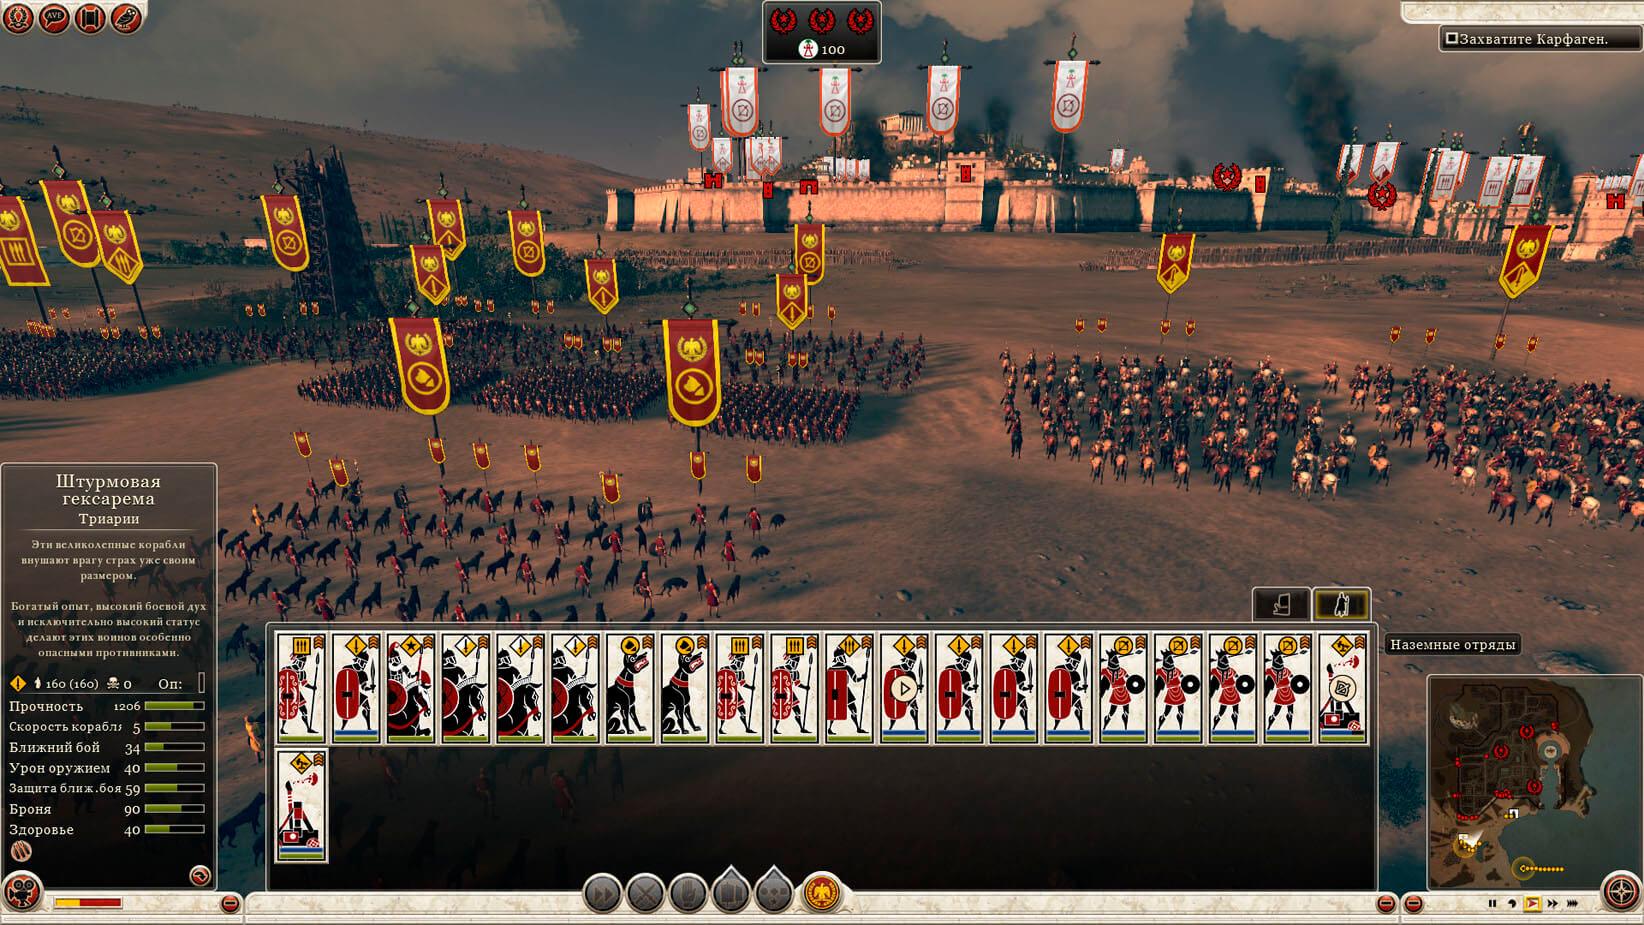 Скачать total war rome 2 empire divided торрент на компьютер.